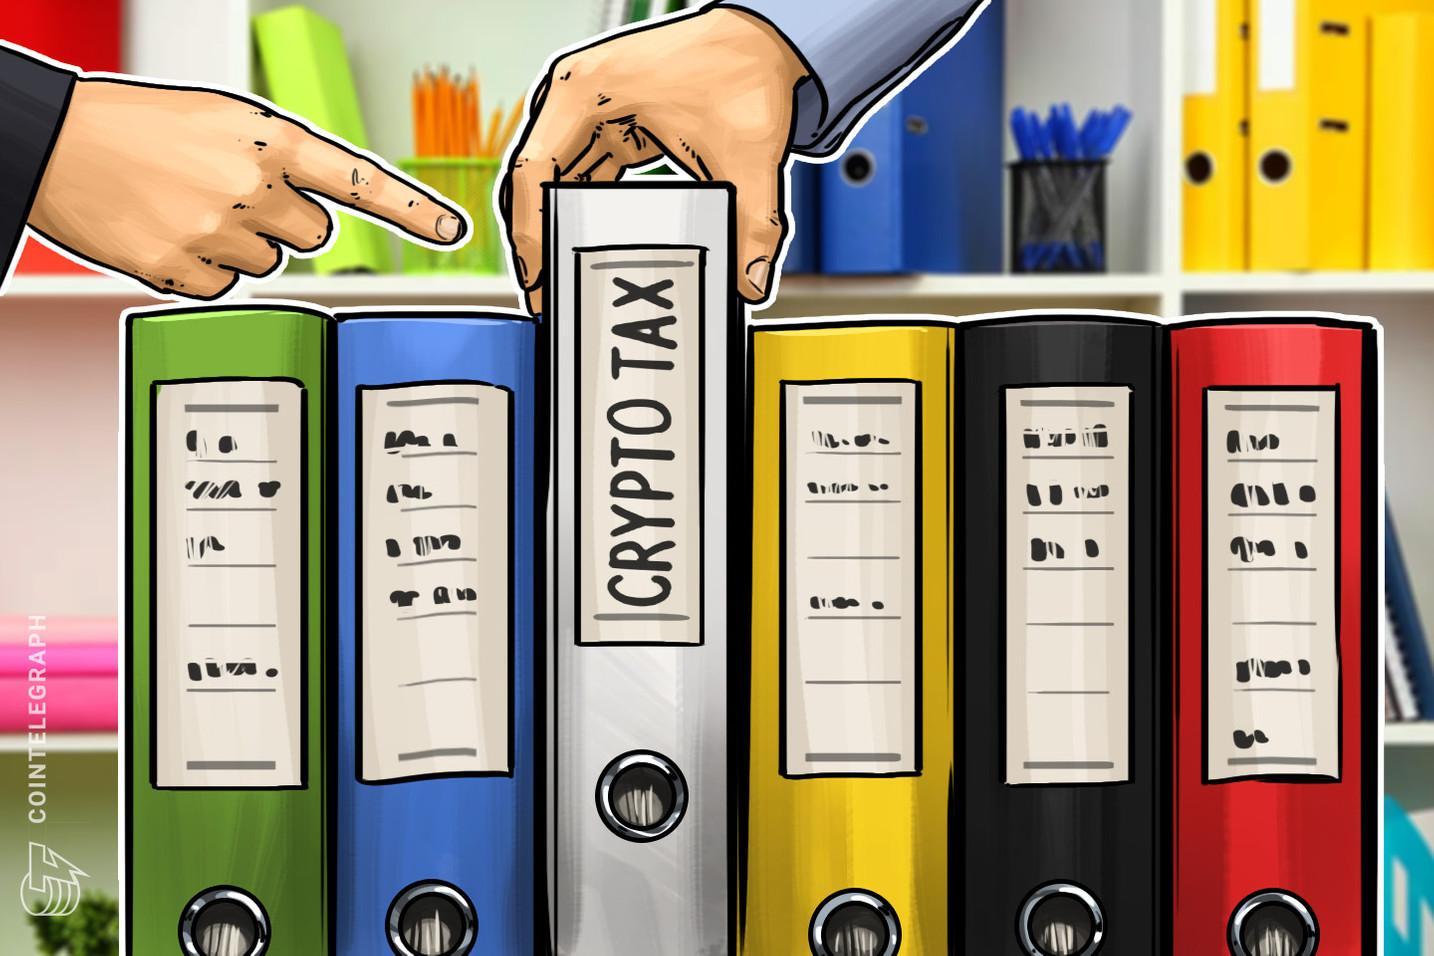 Ministerio de Hacienda ucraniano crea un grupo de trabajo para desarrollar la cripto fiscalización.